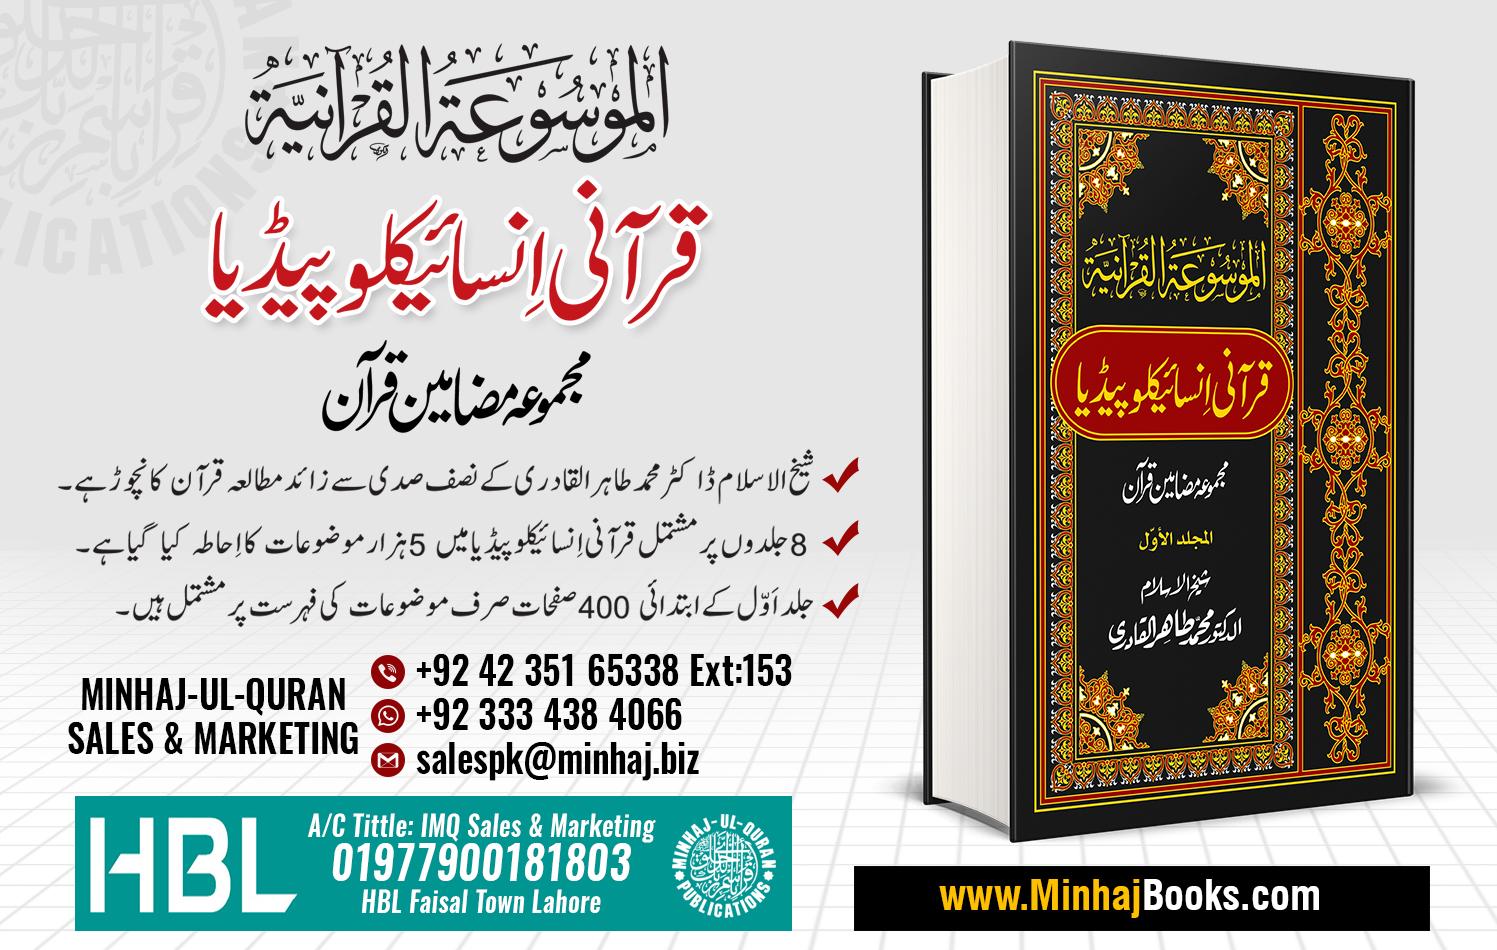 قرآنی انسائیکلوپیڈیا (مجموعہ مضامین قرآن) از شیخ الاسلام ڈاکٹر محمد طاہرالقادری